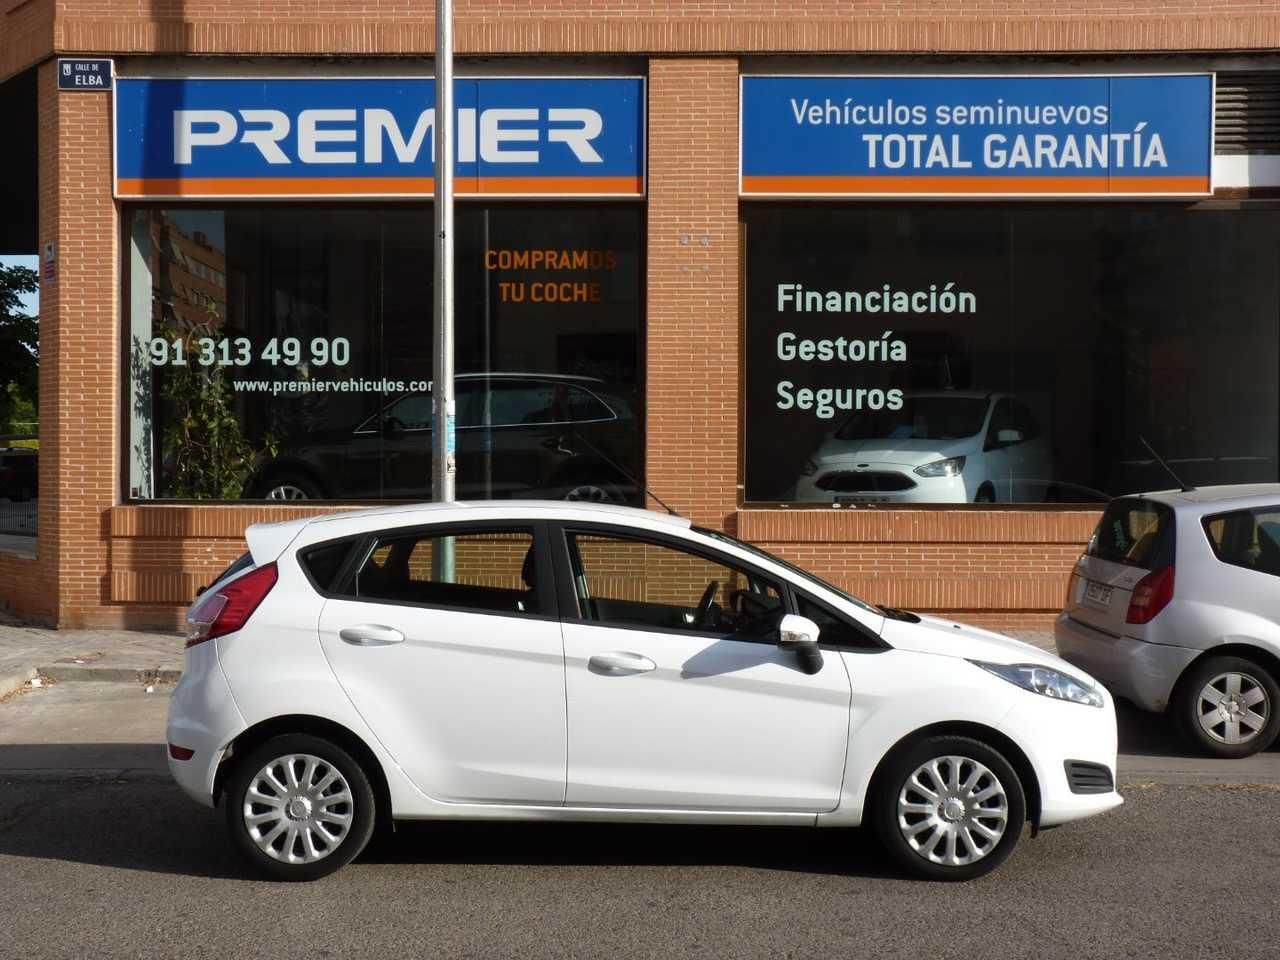 Ford Fiesta 1.4 TDCI   - Foto 1